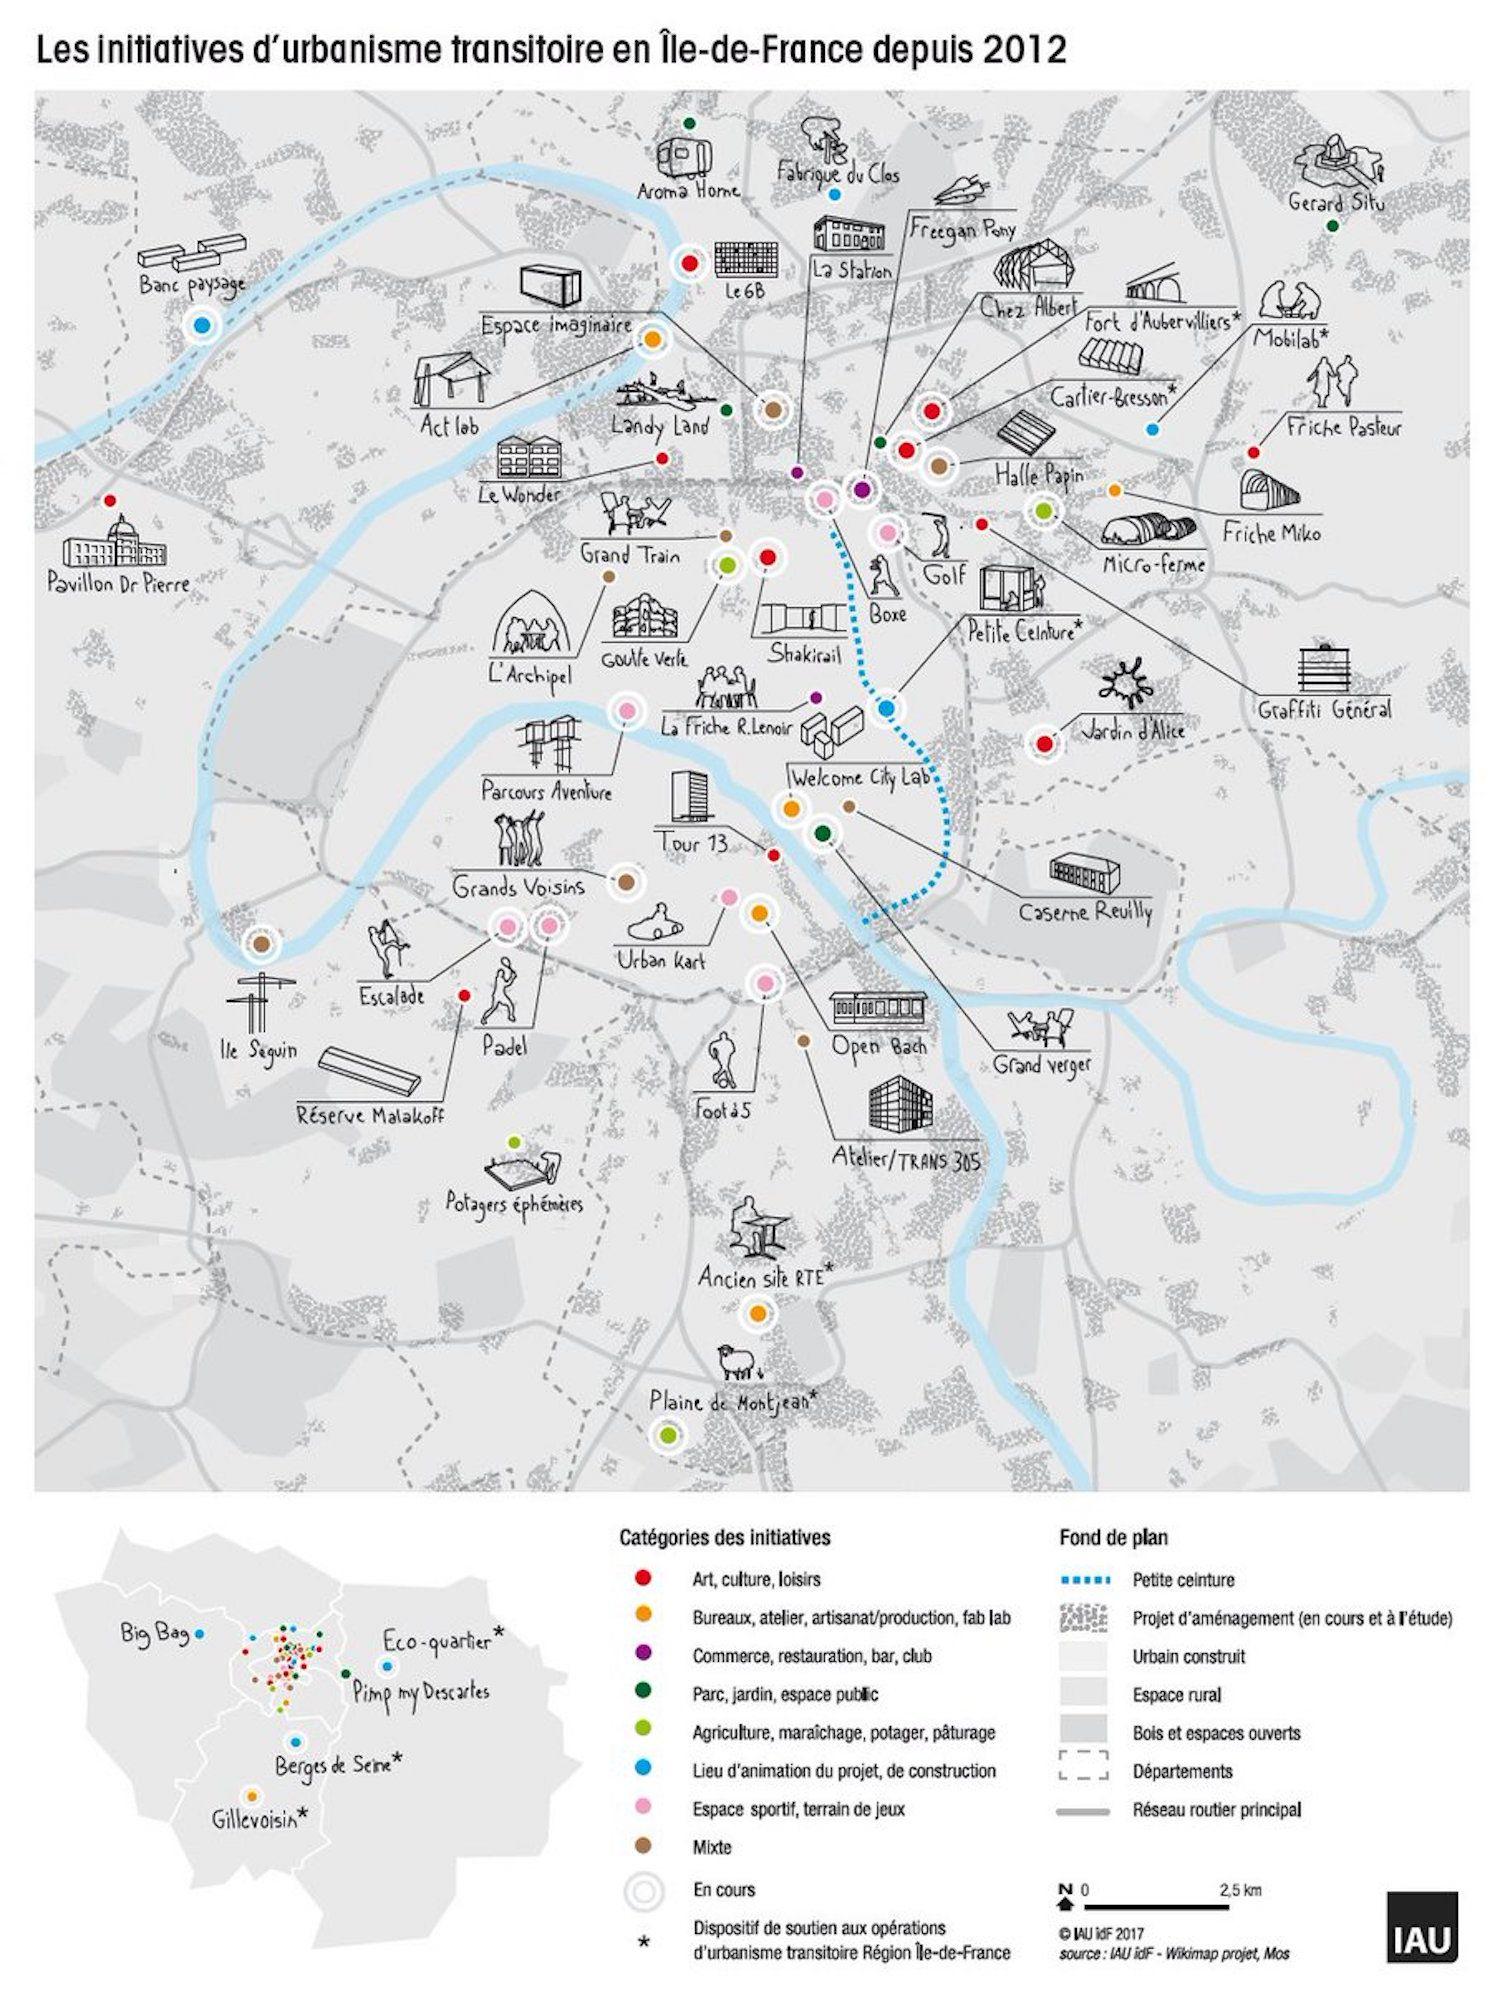 Carte De L Urbanisme Transitoire Dans Le Grand Paris C Iau